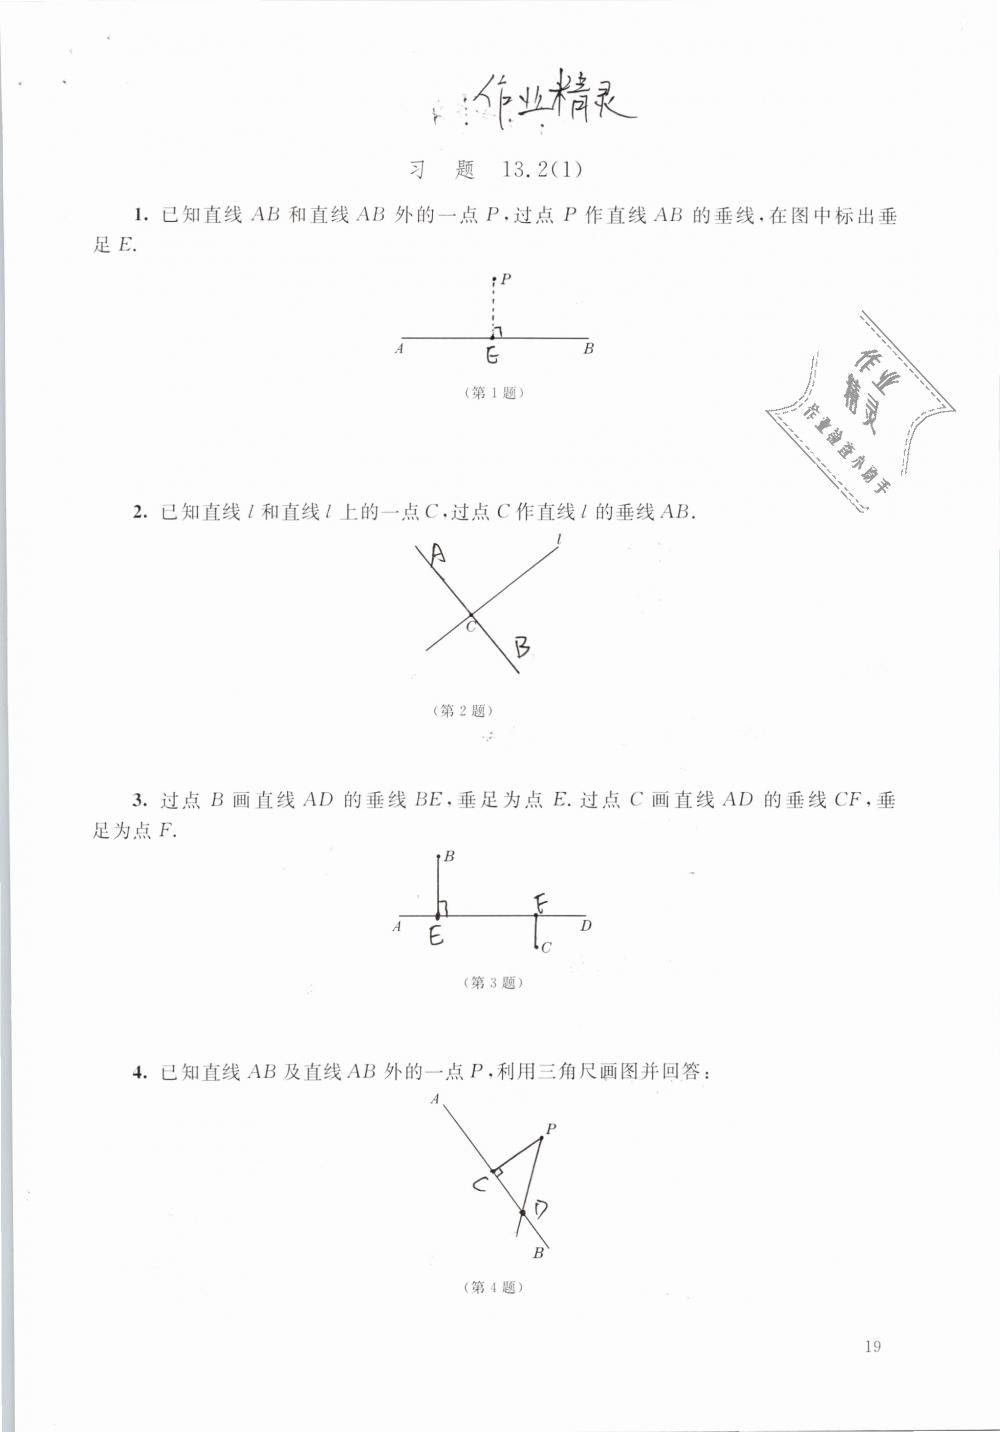 2019年数学练习部分七年级第二学期第19页